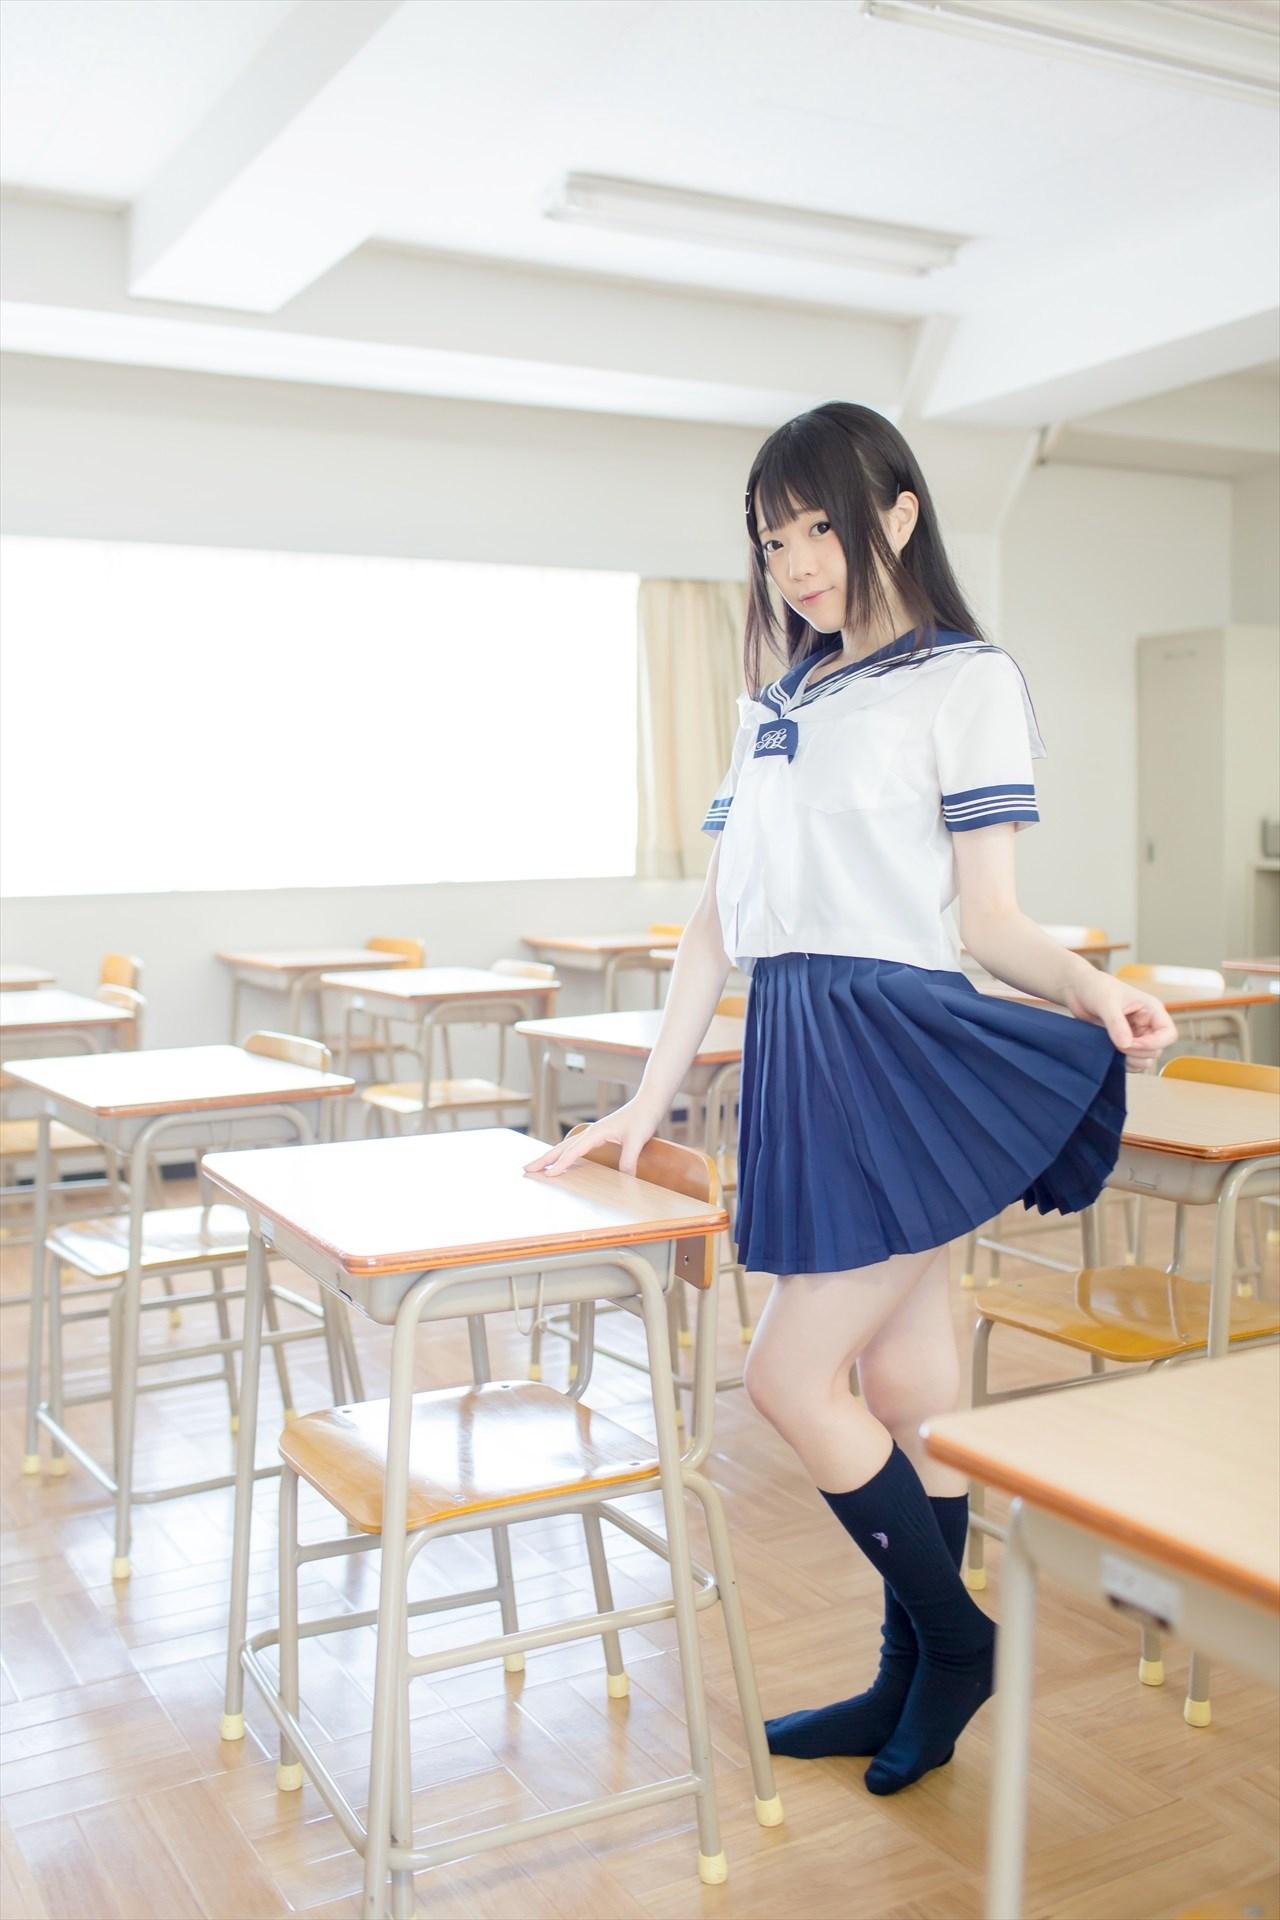 【兔玩映画】教室里的死库水 兔玩映画 第5张